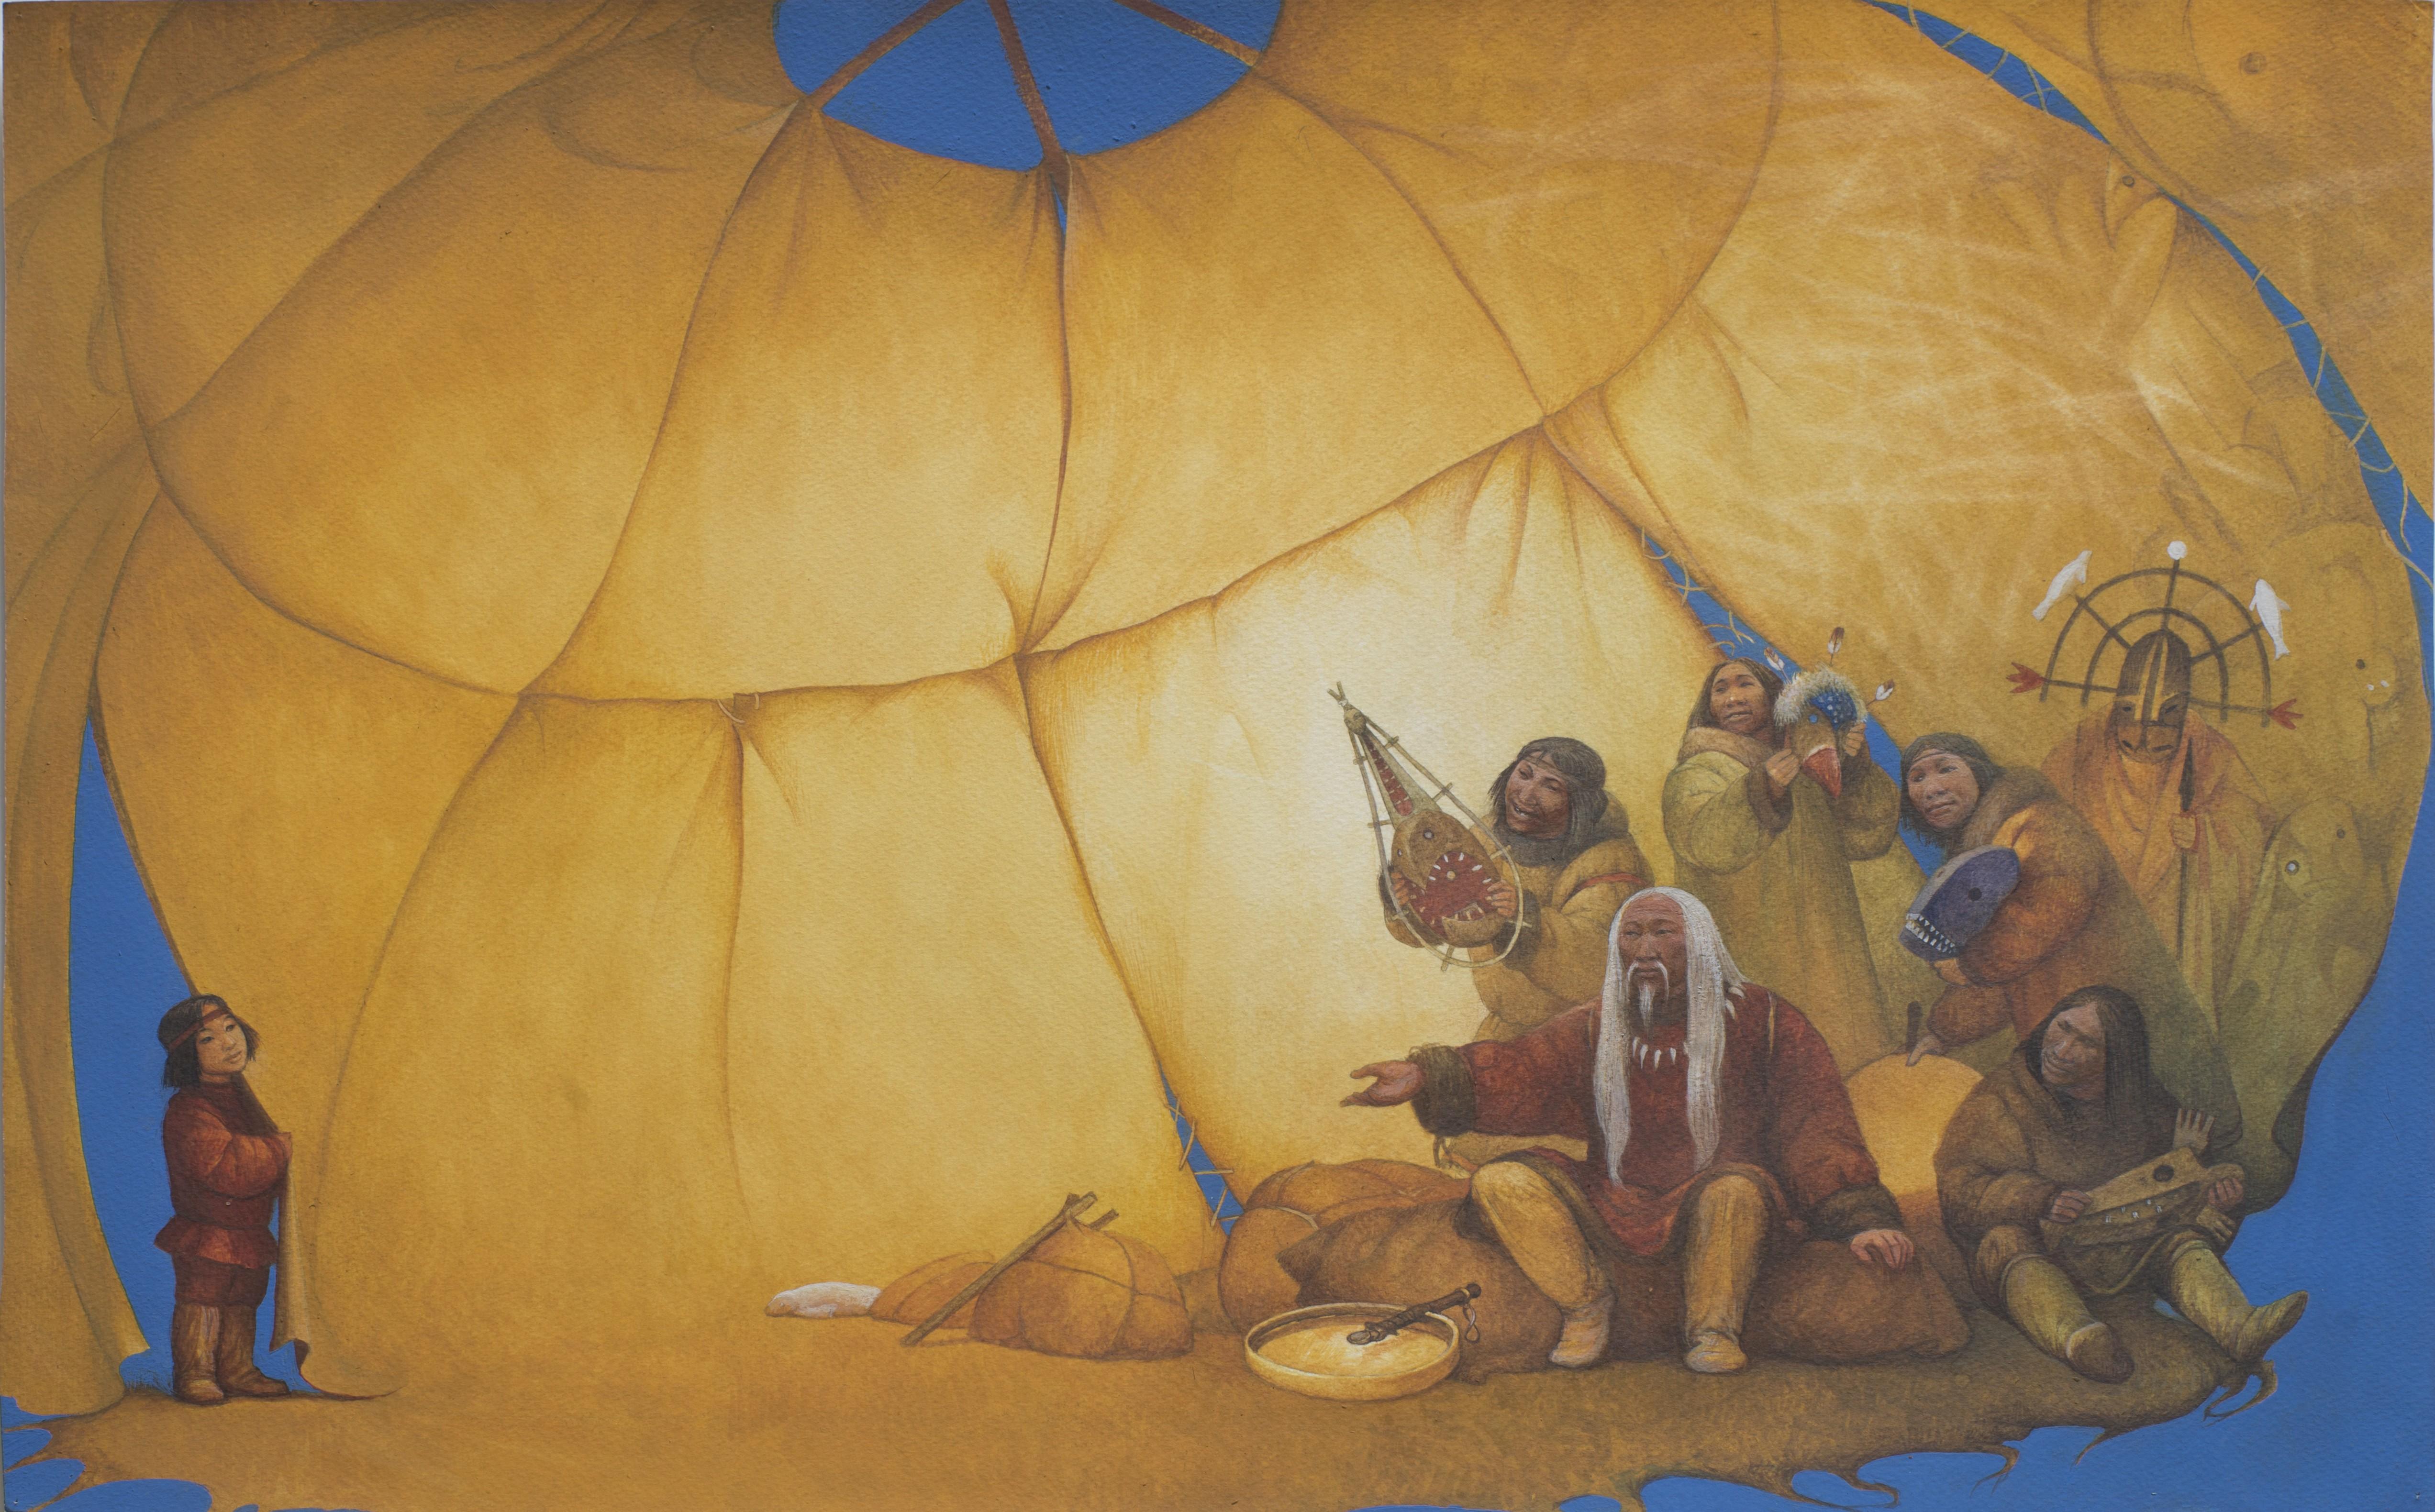 Азат Миннекаев. Таграк. Иллюстрация к эскимосской легенде. 2007. Бумага, темпера, акварель. 37,5х55,5 см. Коллекция Фонда Марджани.jpg